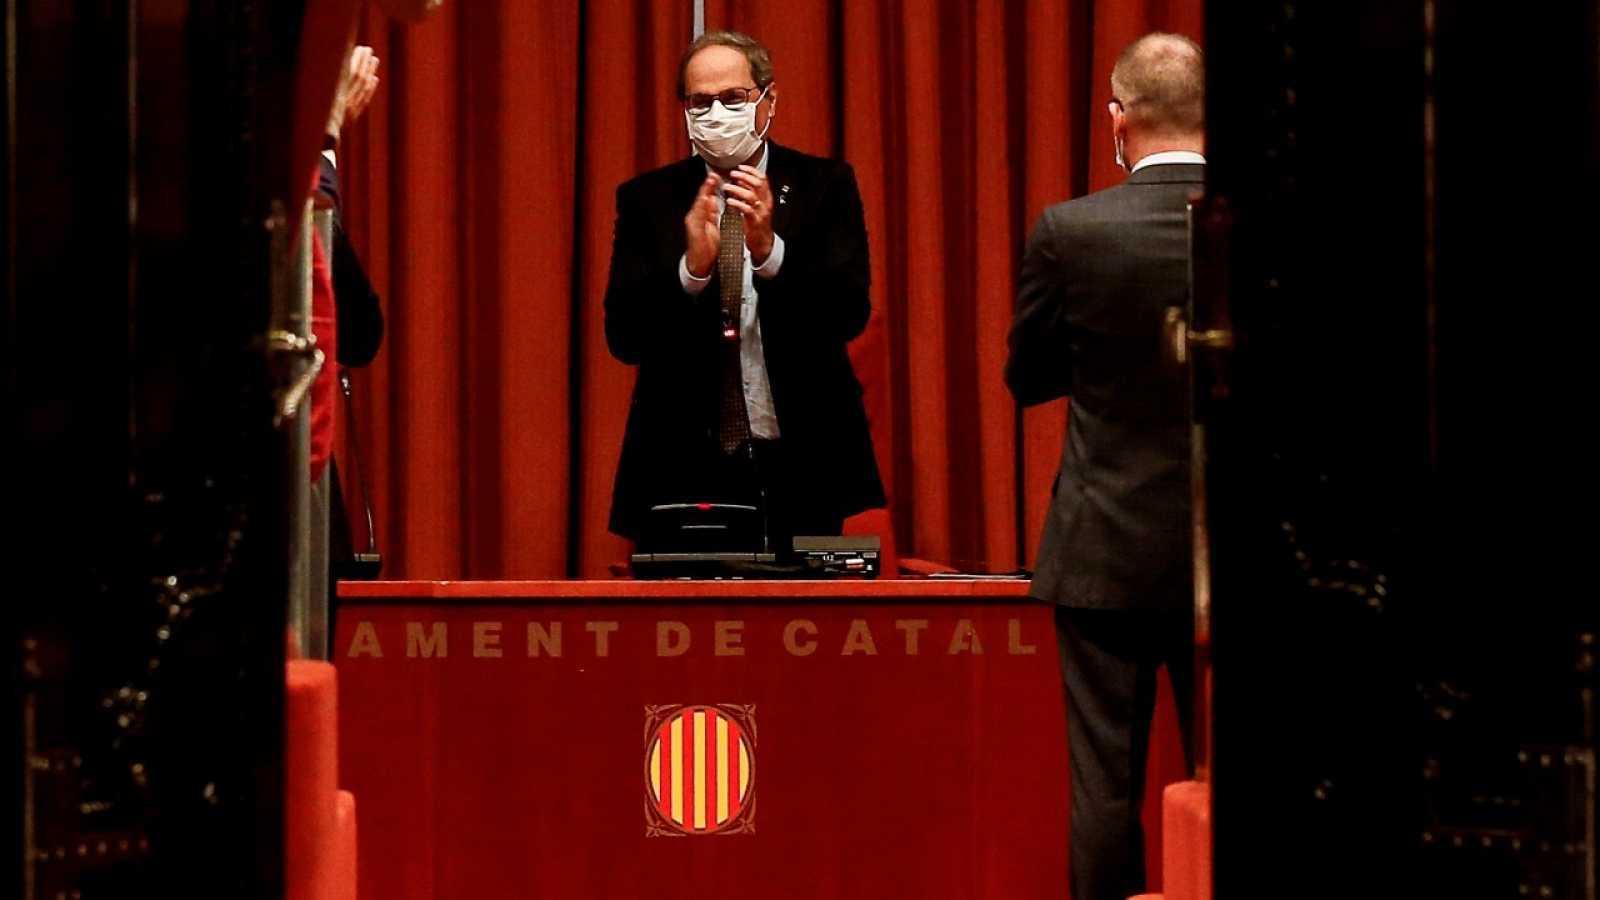 """Torra vuelve al Parlament y dice que no acepta su destitución: """"Será Europa quien juzgue al Estado español"""""""